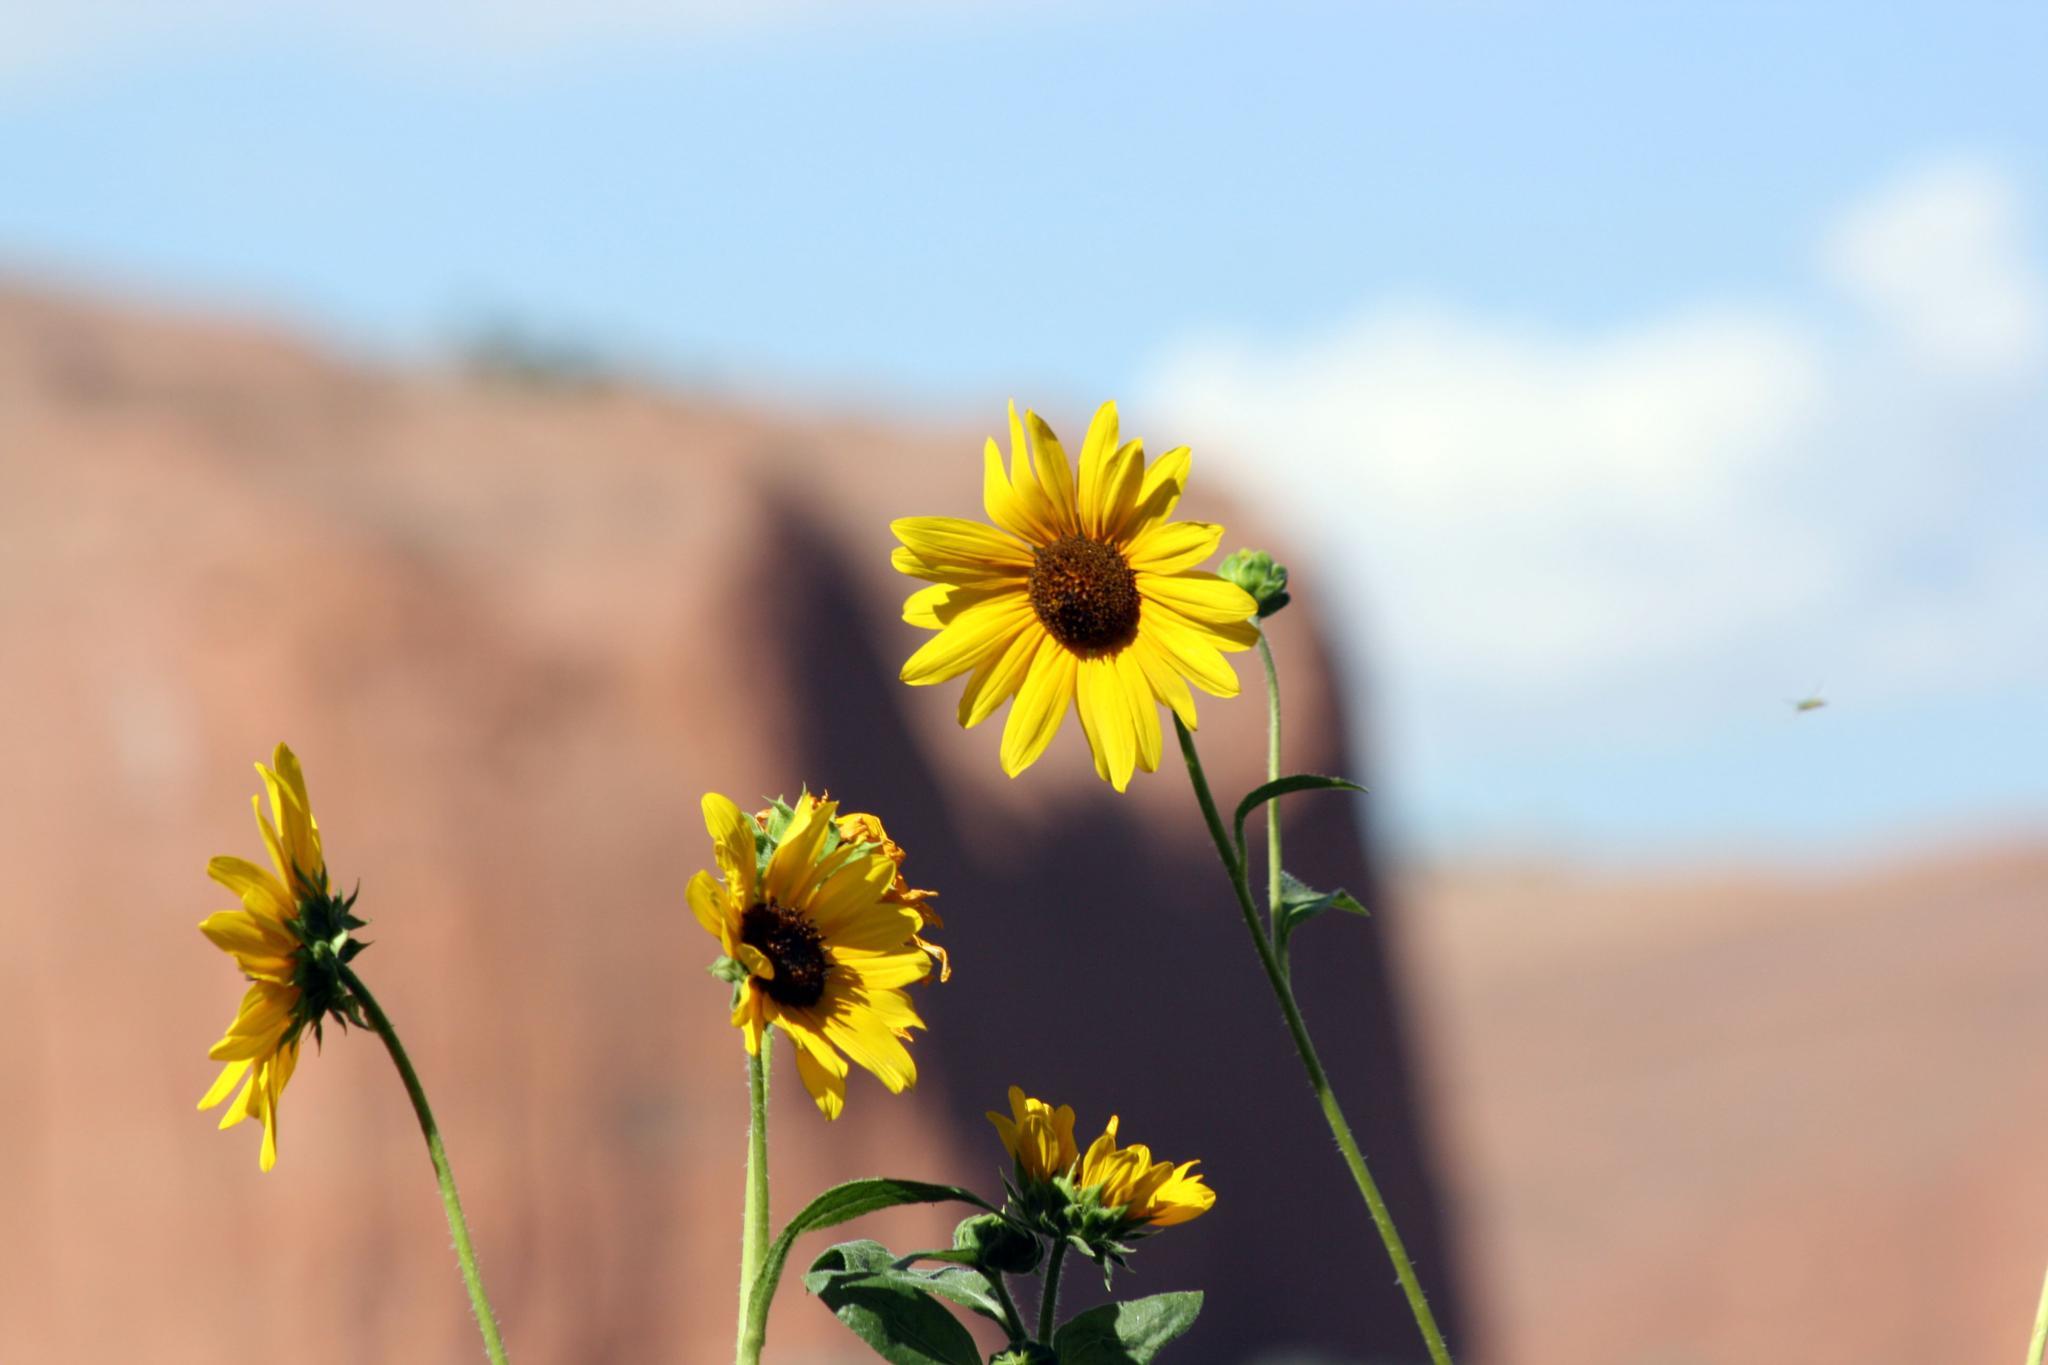 The Desert Sunflower by Leandra MH Stewart